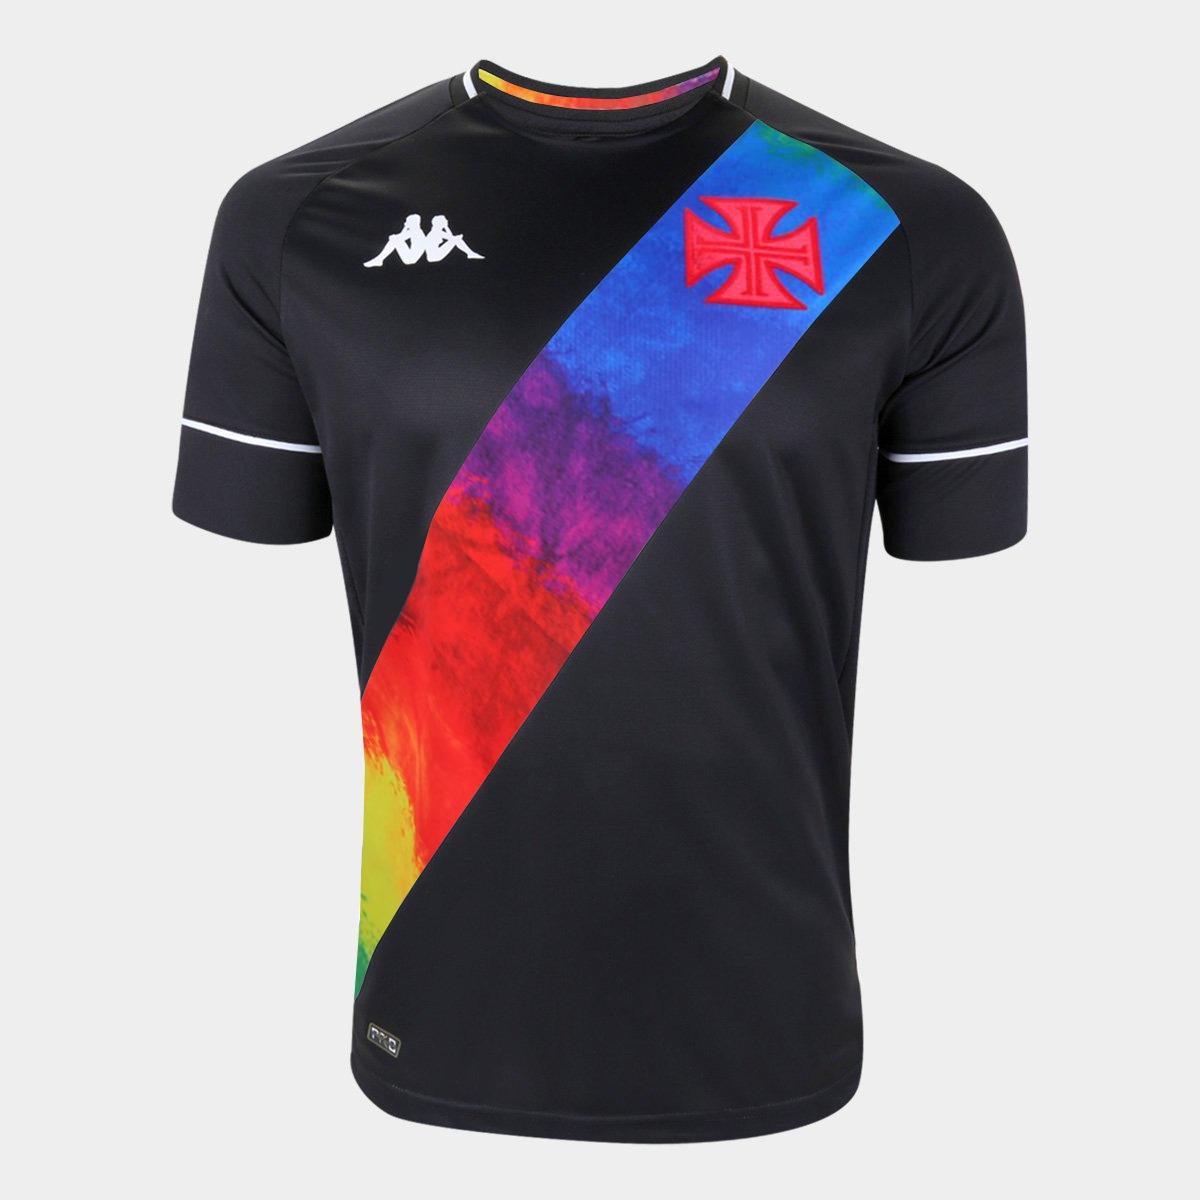 PRÉ-VENDA - Camisa Orgulho LGBTQIA+ Preta - Kappa